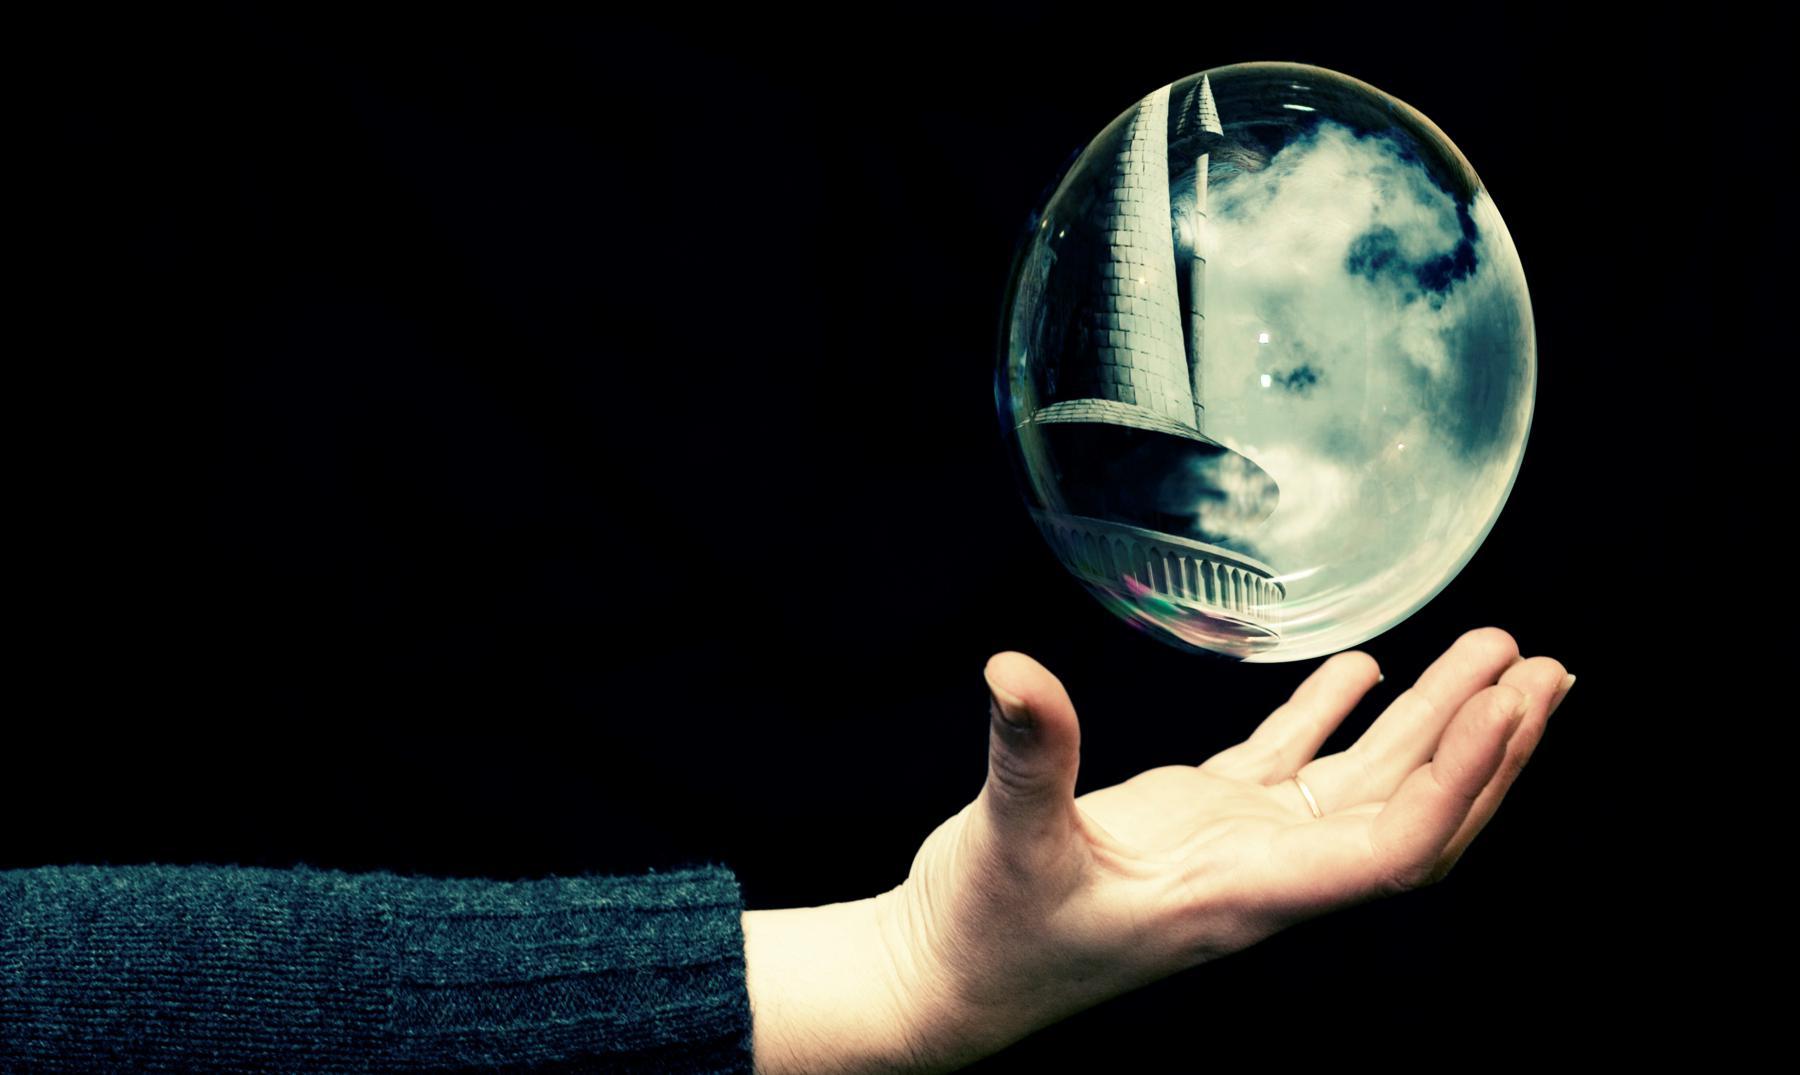 Los onironautas: ¿Podemos controlar nuestros sueños?